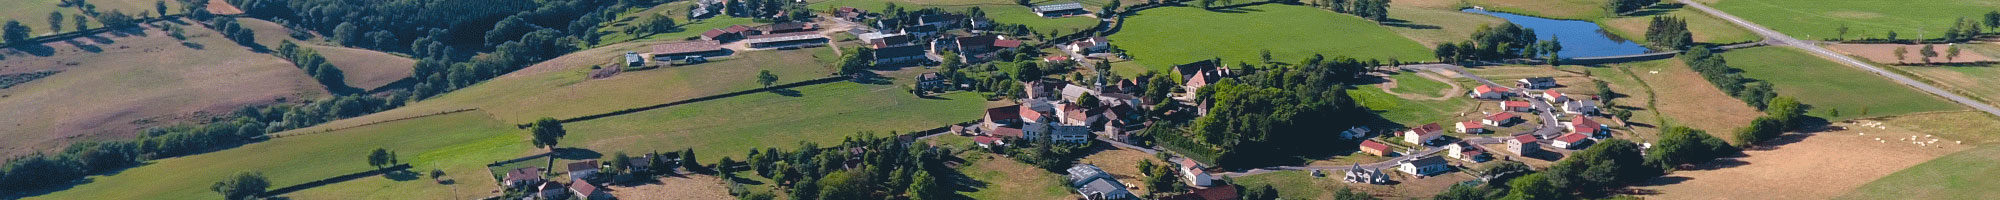 Commune de Landogne - Puy-de-Dôme